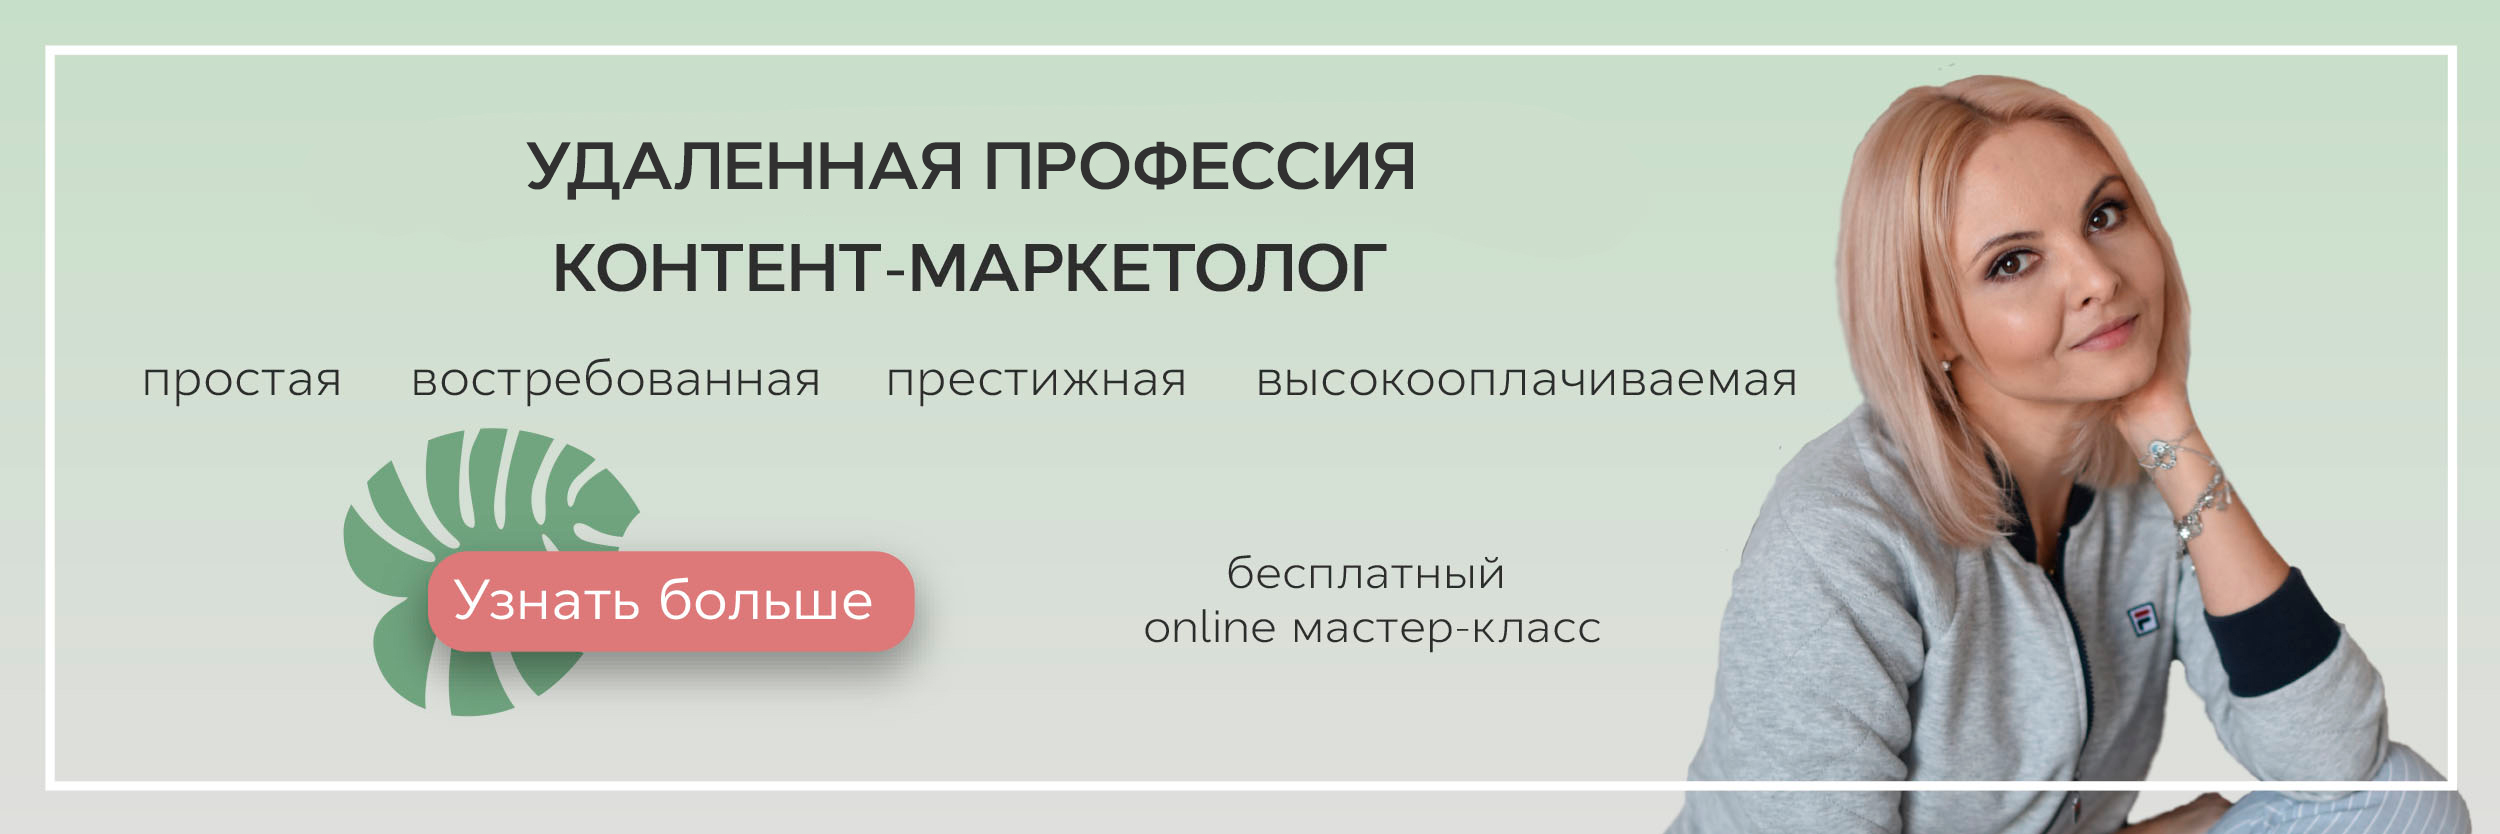 Курсы интернет-маркетолога